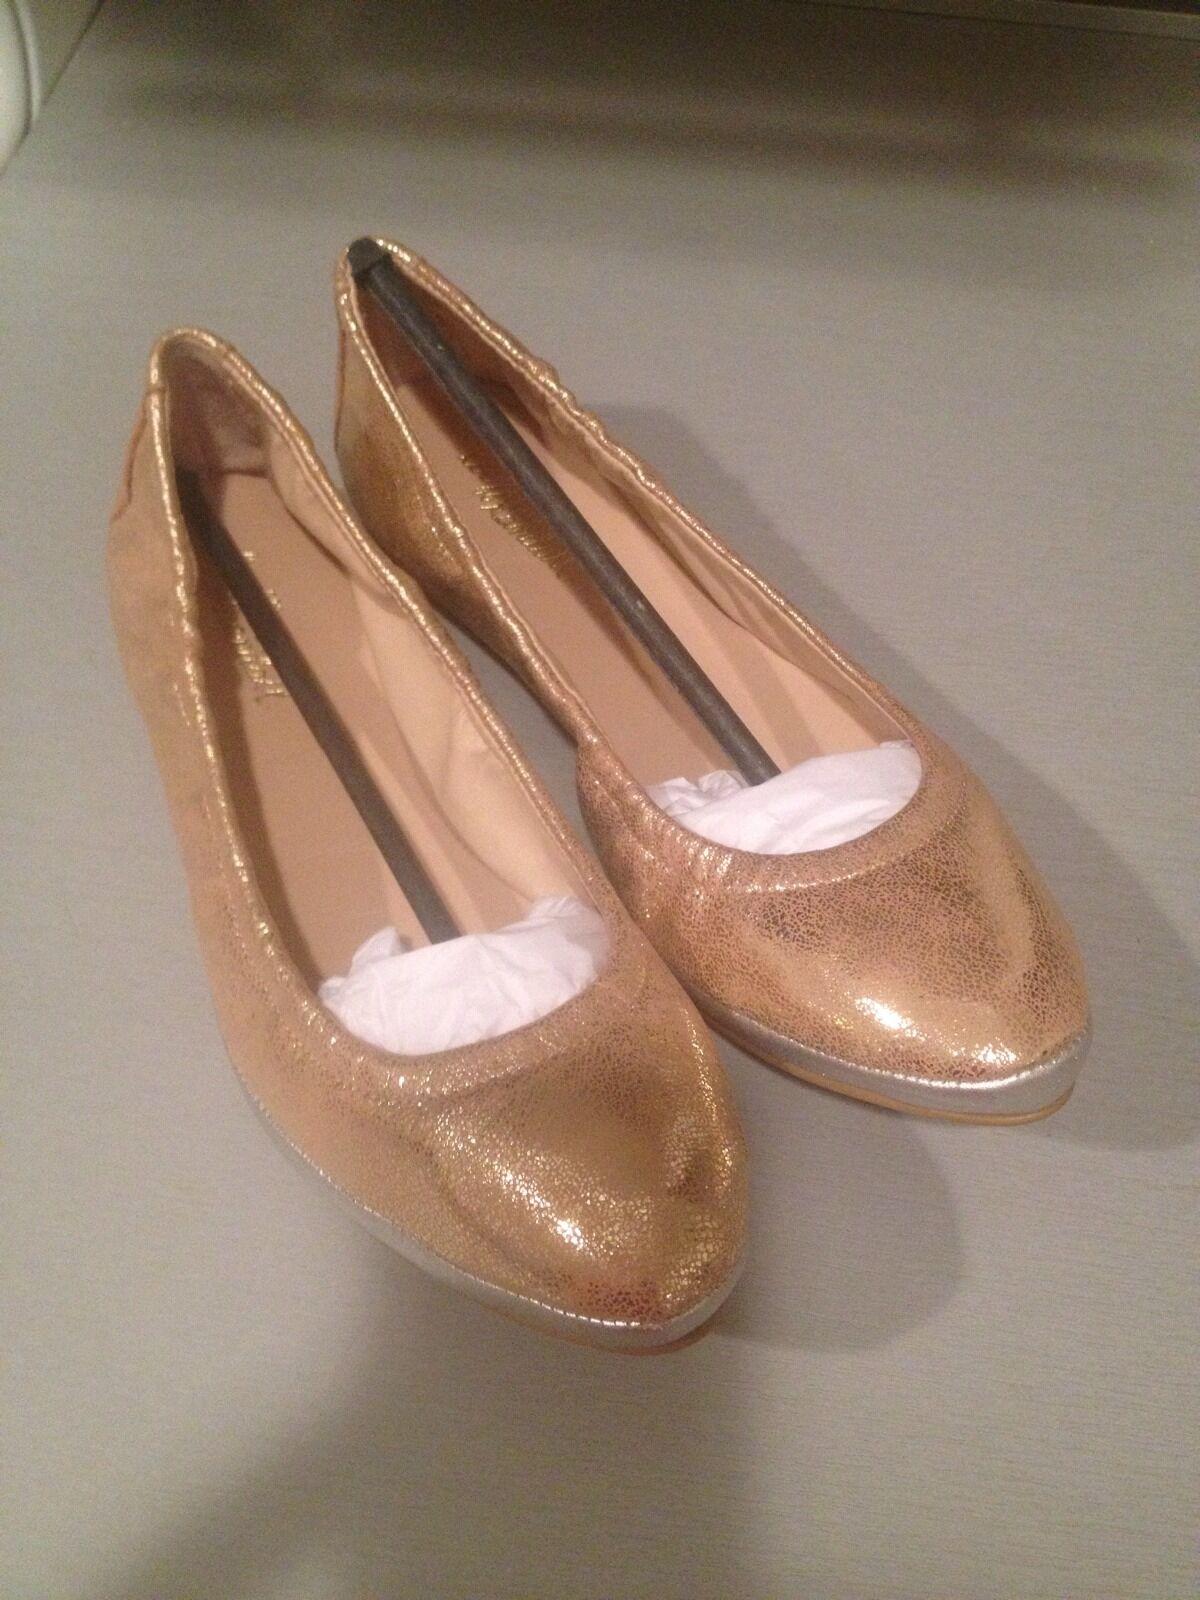 NEU Loeffler Randall Georgie Ballet Flats Embossed Leder Gold Silver 6 B 195